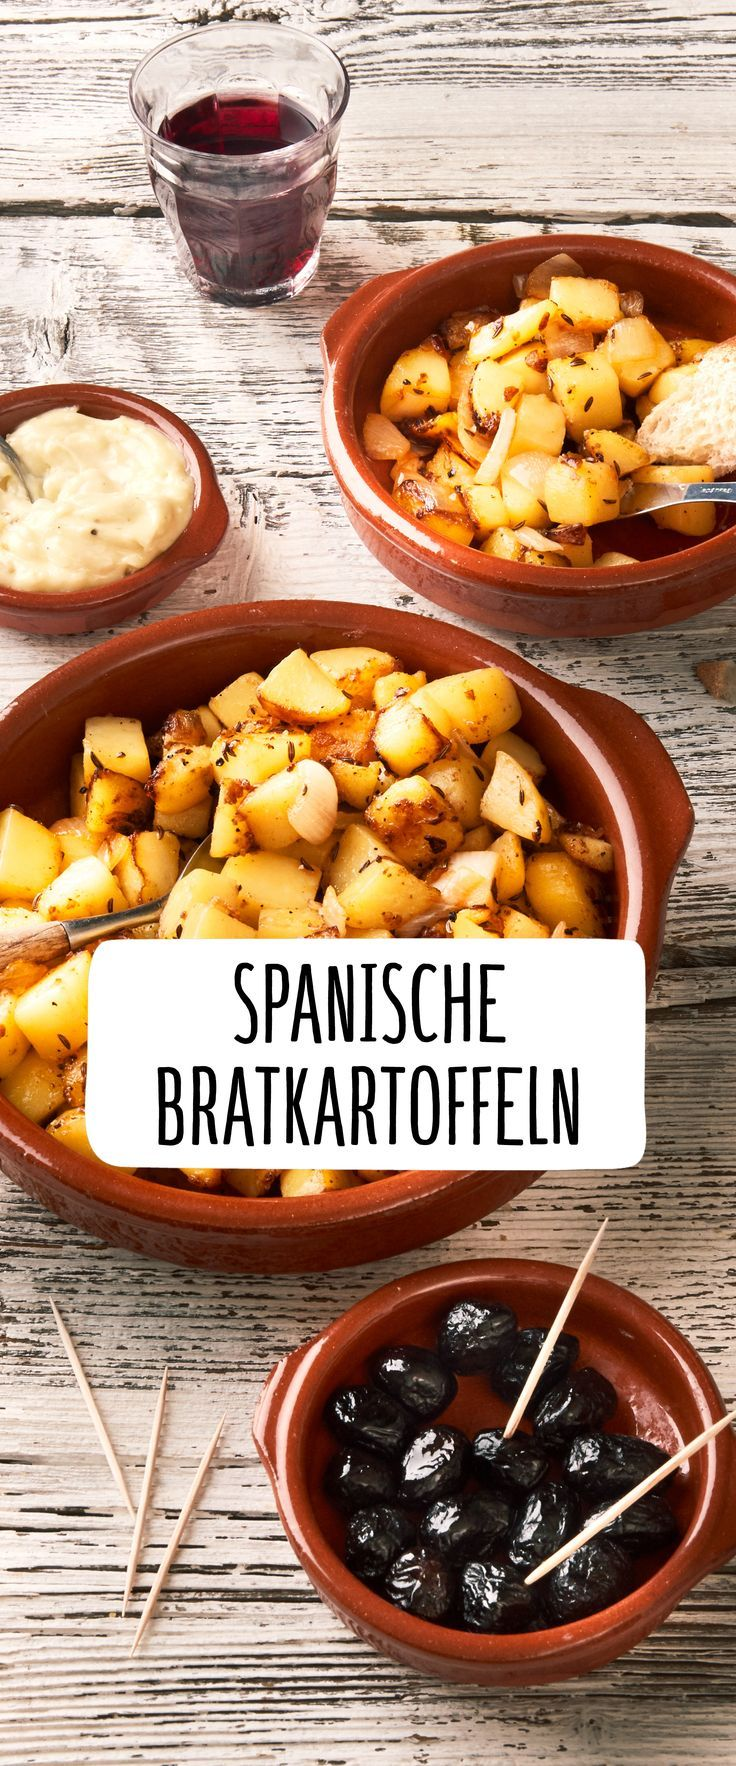 Spanische Bratkartoffeln Mit Aioli Rezept Rezepte Bratkartoffeln Einfache Gerichte